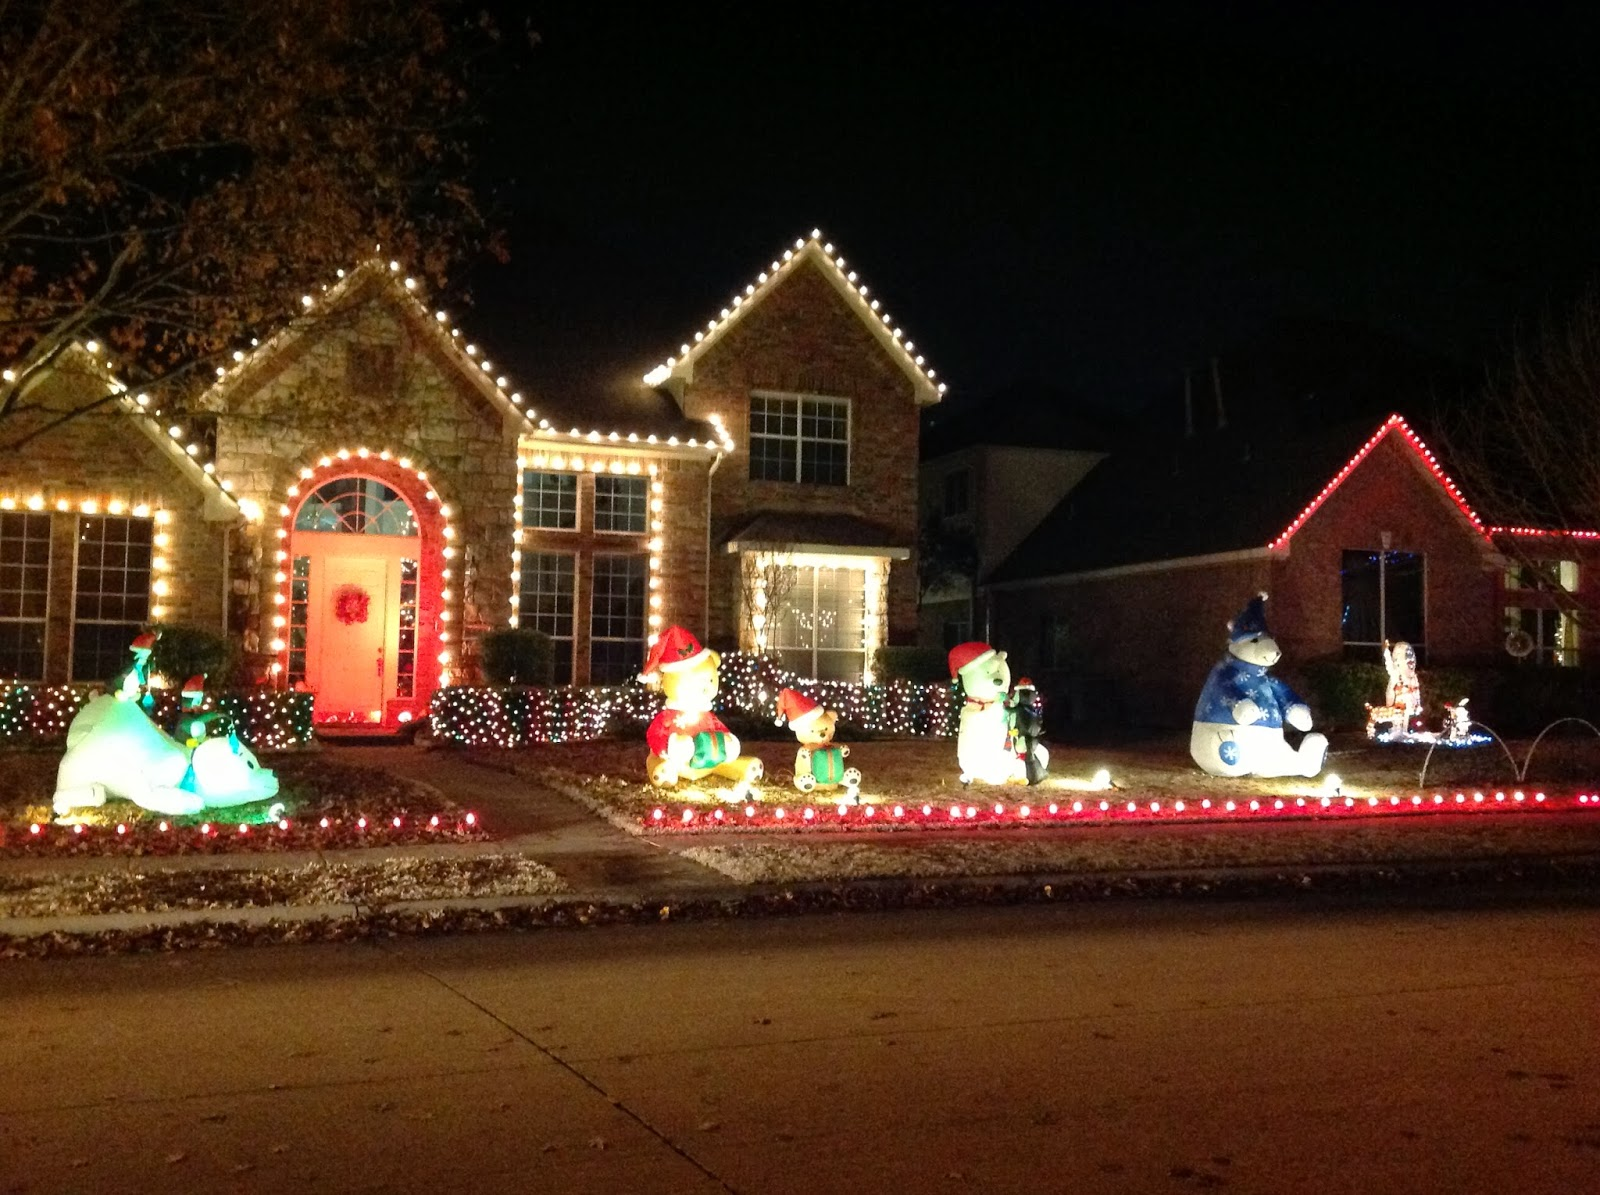 Colorful Christmas Lights On House.Family Adventures Christmas Lights